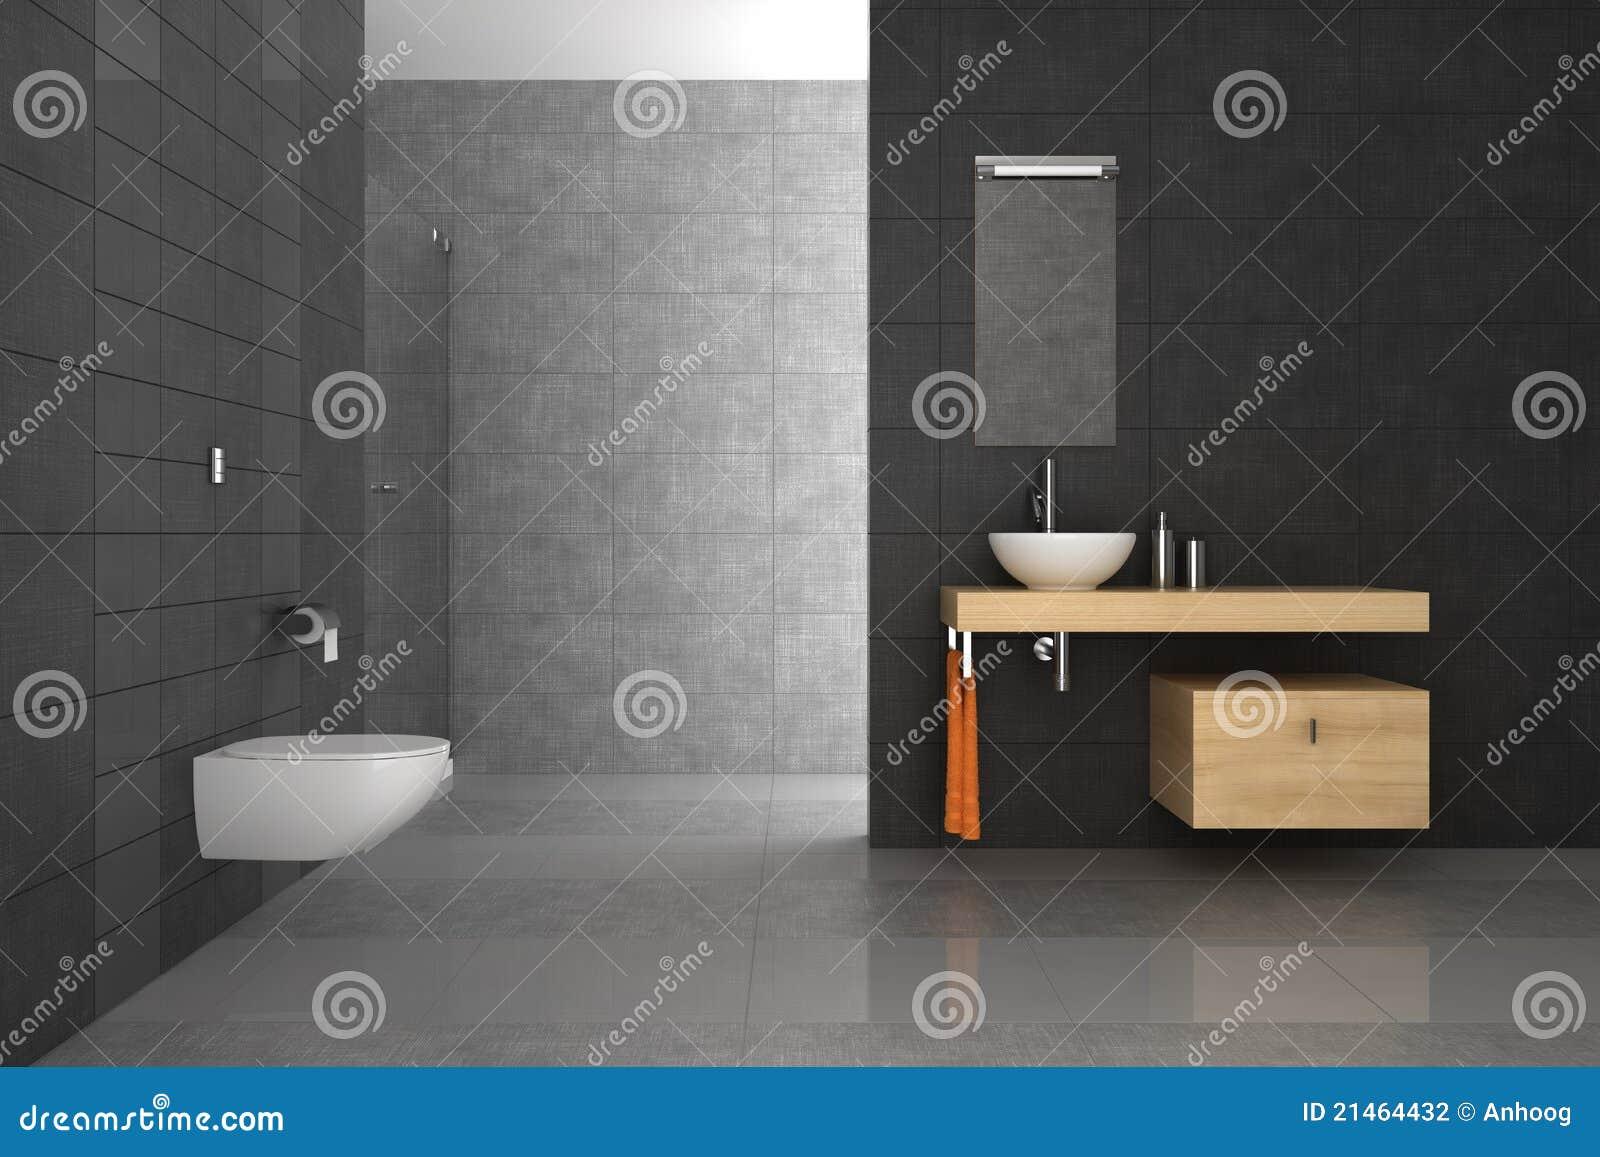 Moderne badkamers met grijze tegels en houten meubilair.